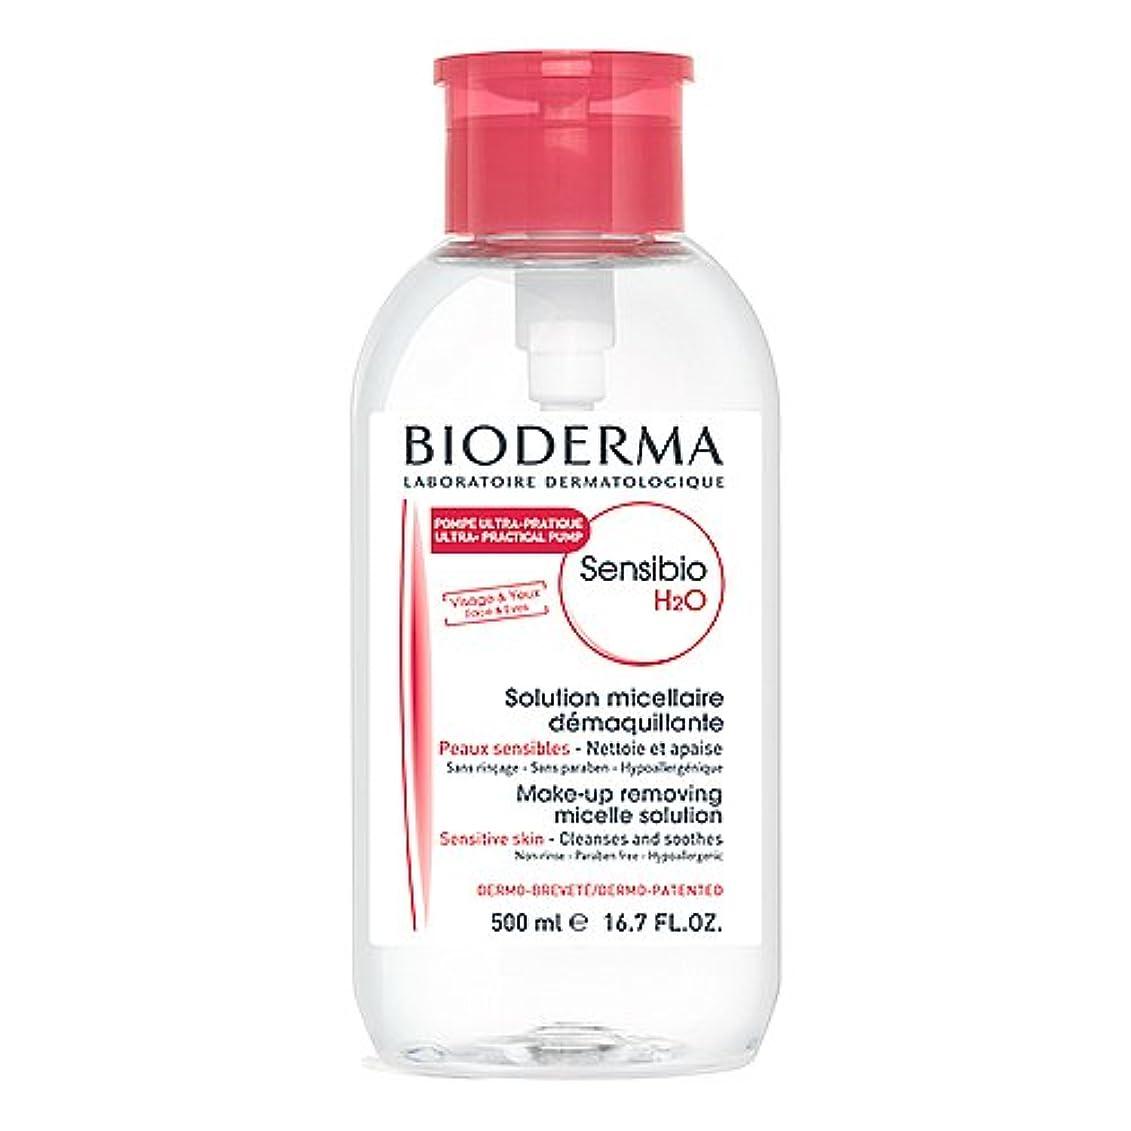 ラショナル変換試験ビオデルマ BIODERMA サンシビオ H2O エイチツーオー D 500ml ポンプタイプ